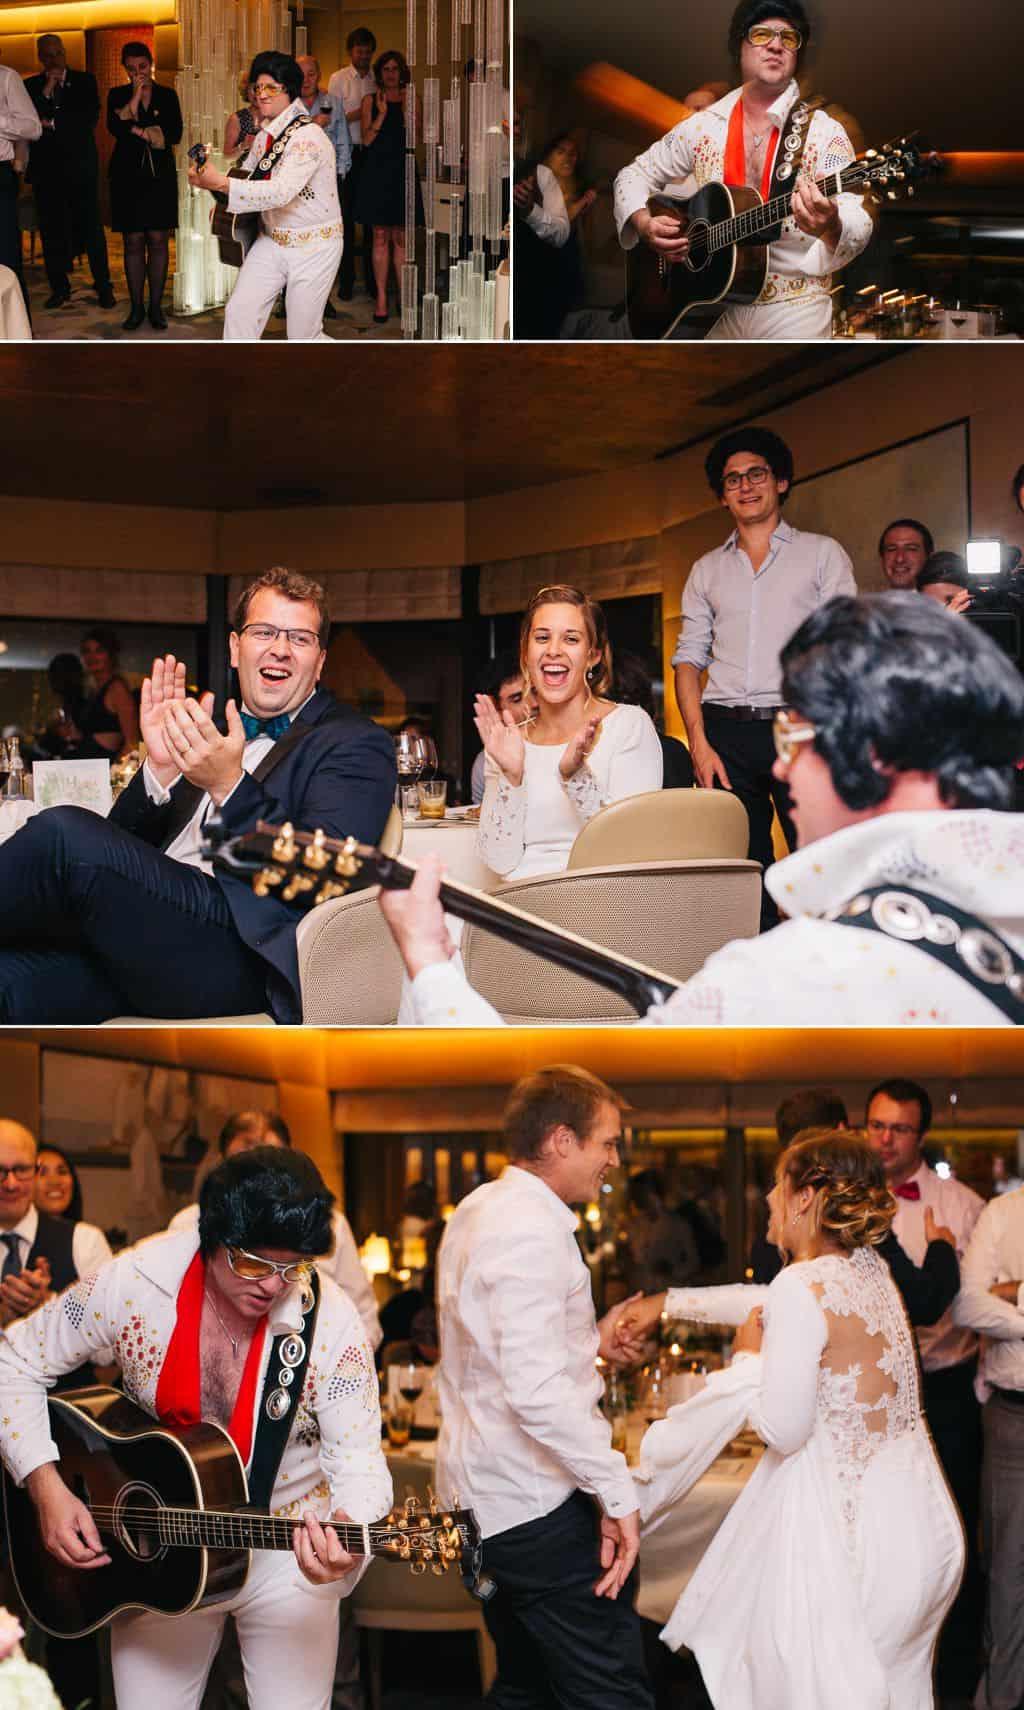 Un sosie d'Elvis pendant la soirée du mariage à l'Auberge de l'Ill